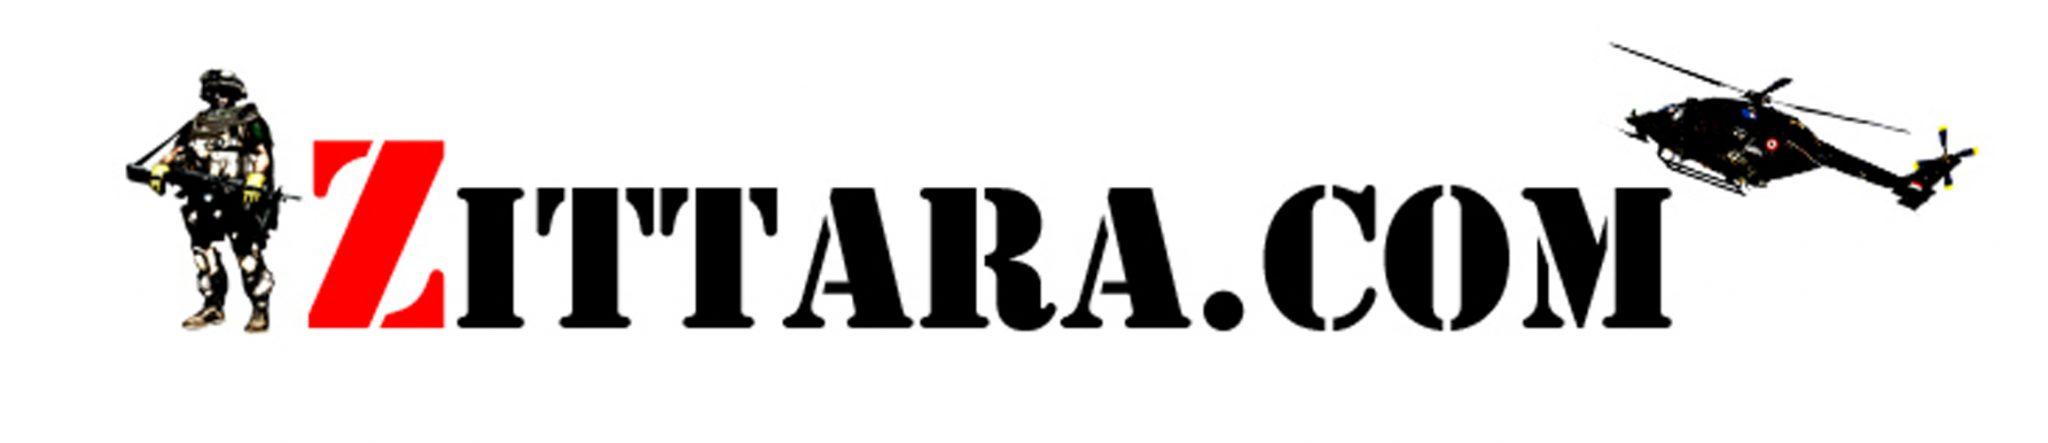 Zittara